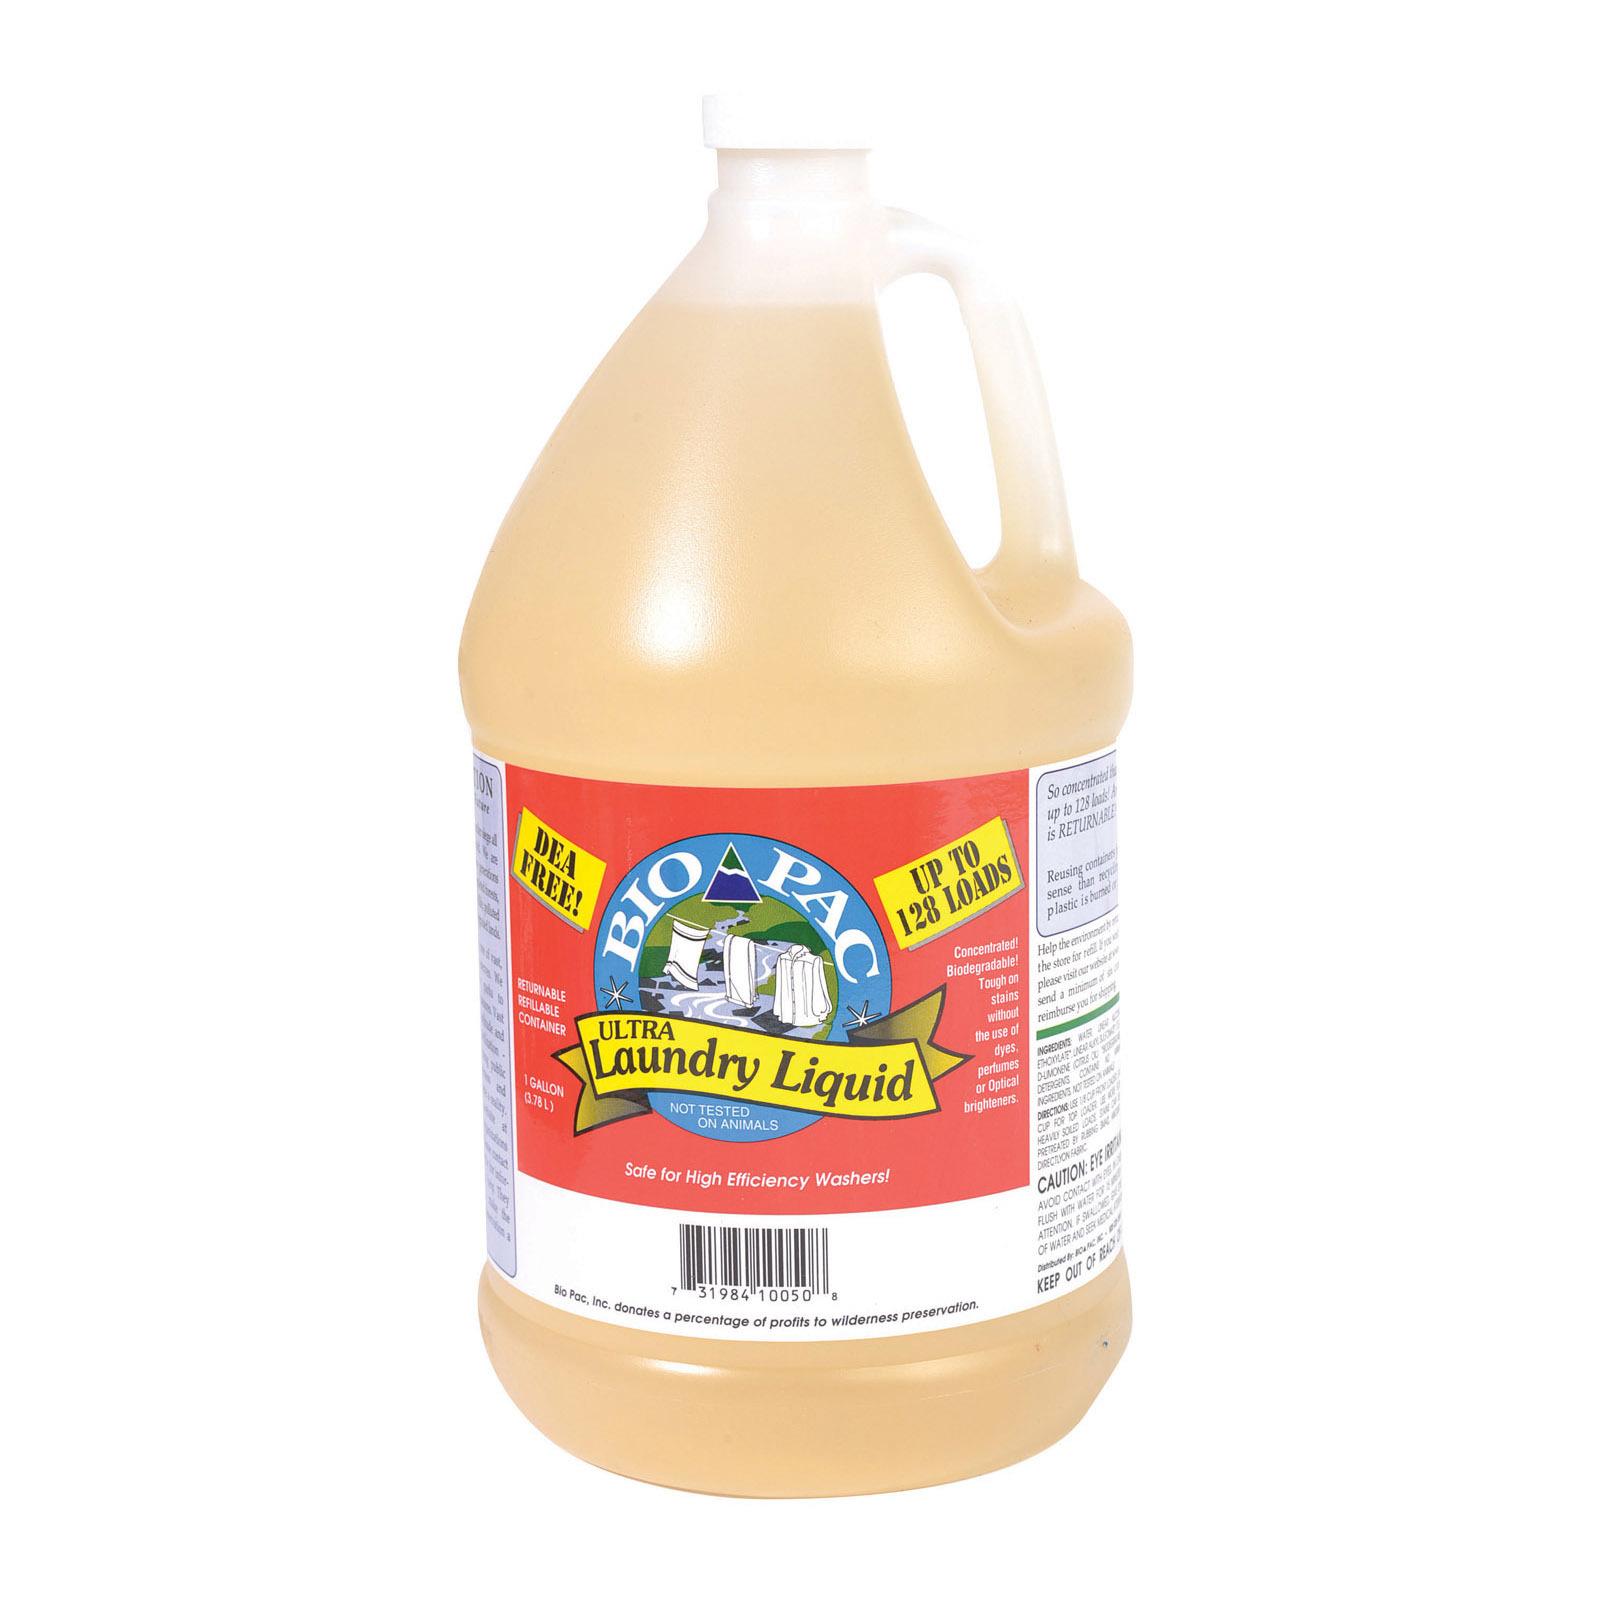 Bio-Pac Laundry Detergent - Liquid - Case of 6 - 1 Gal